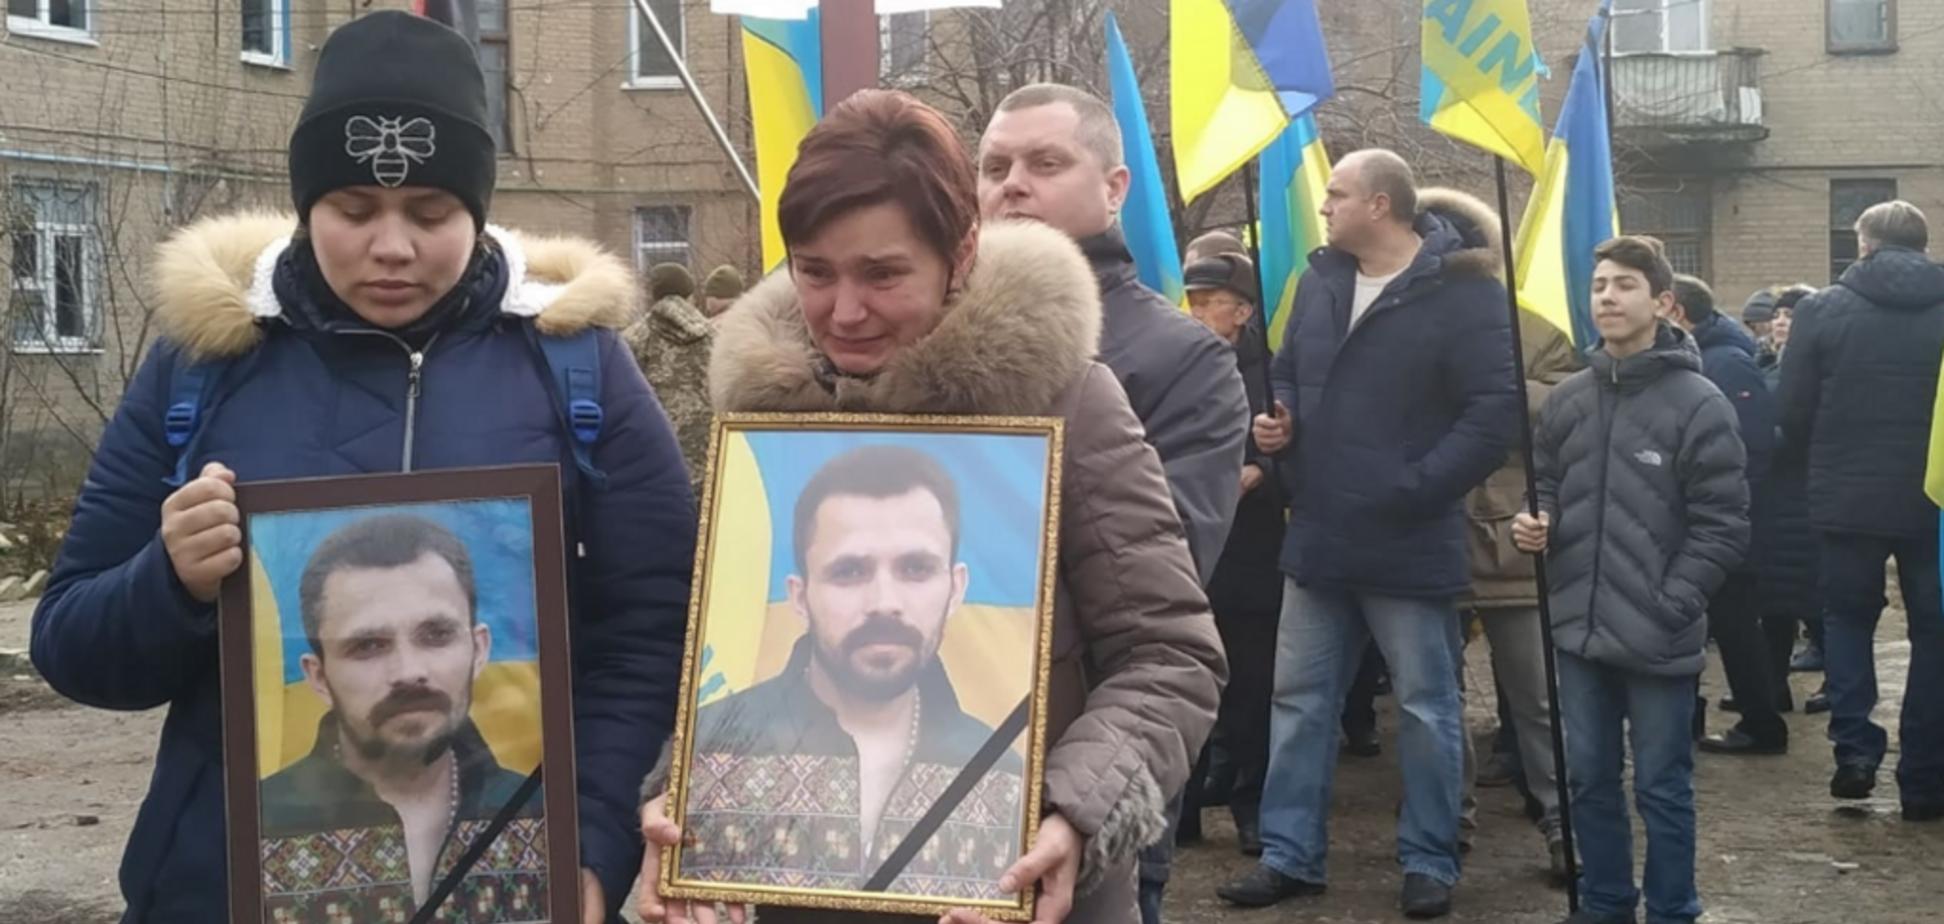 На Донетчине похоронили убитого за украинский язык волонтера: фото и видео 18+